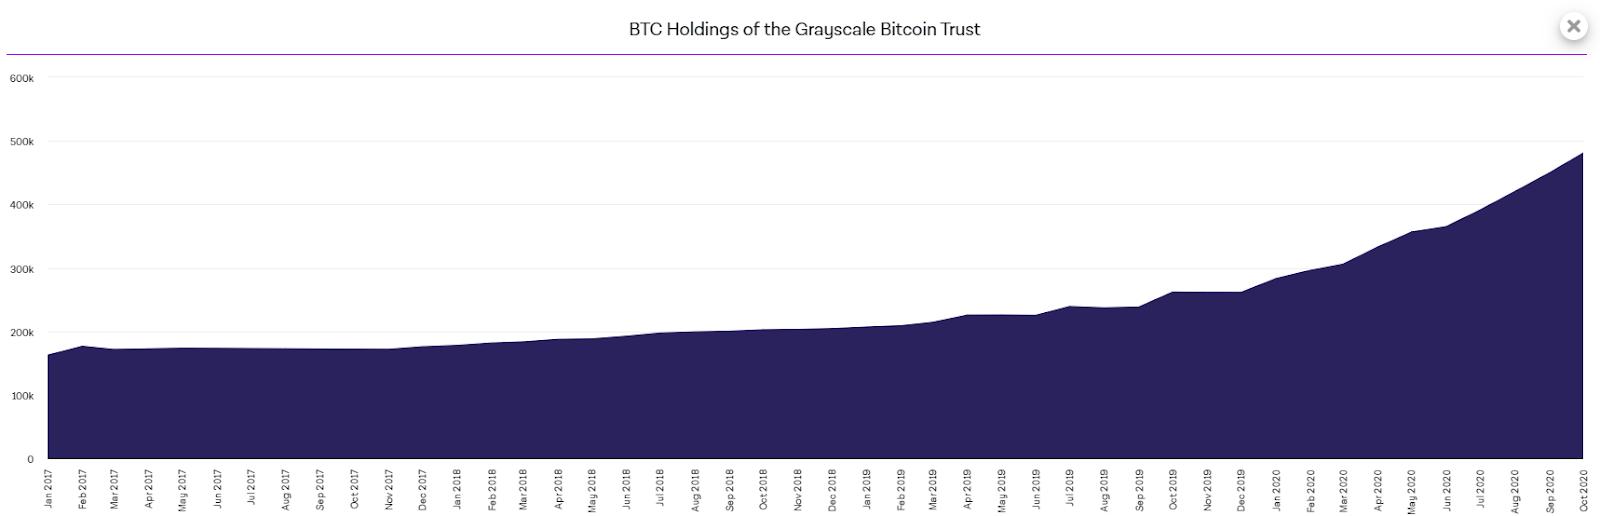 Количество BTC под управлением Grayscale